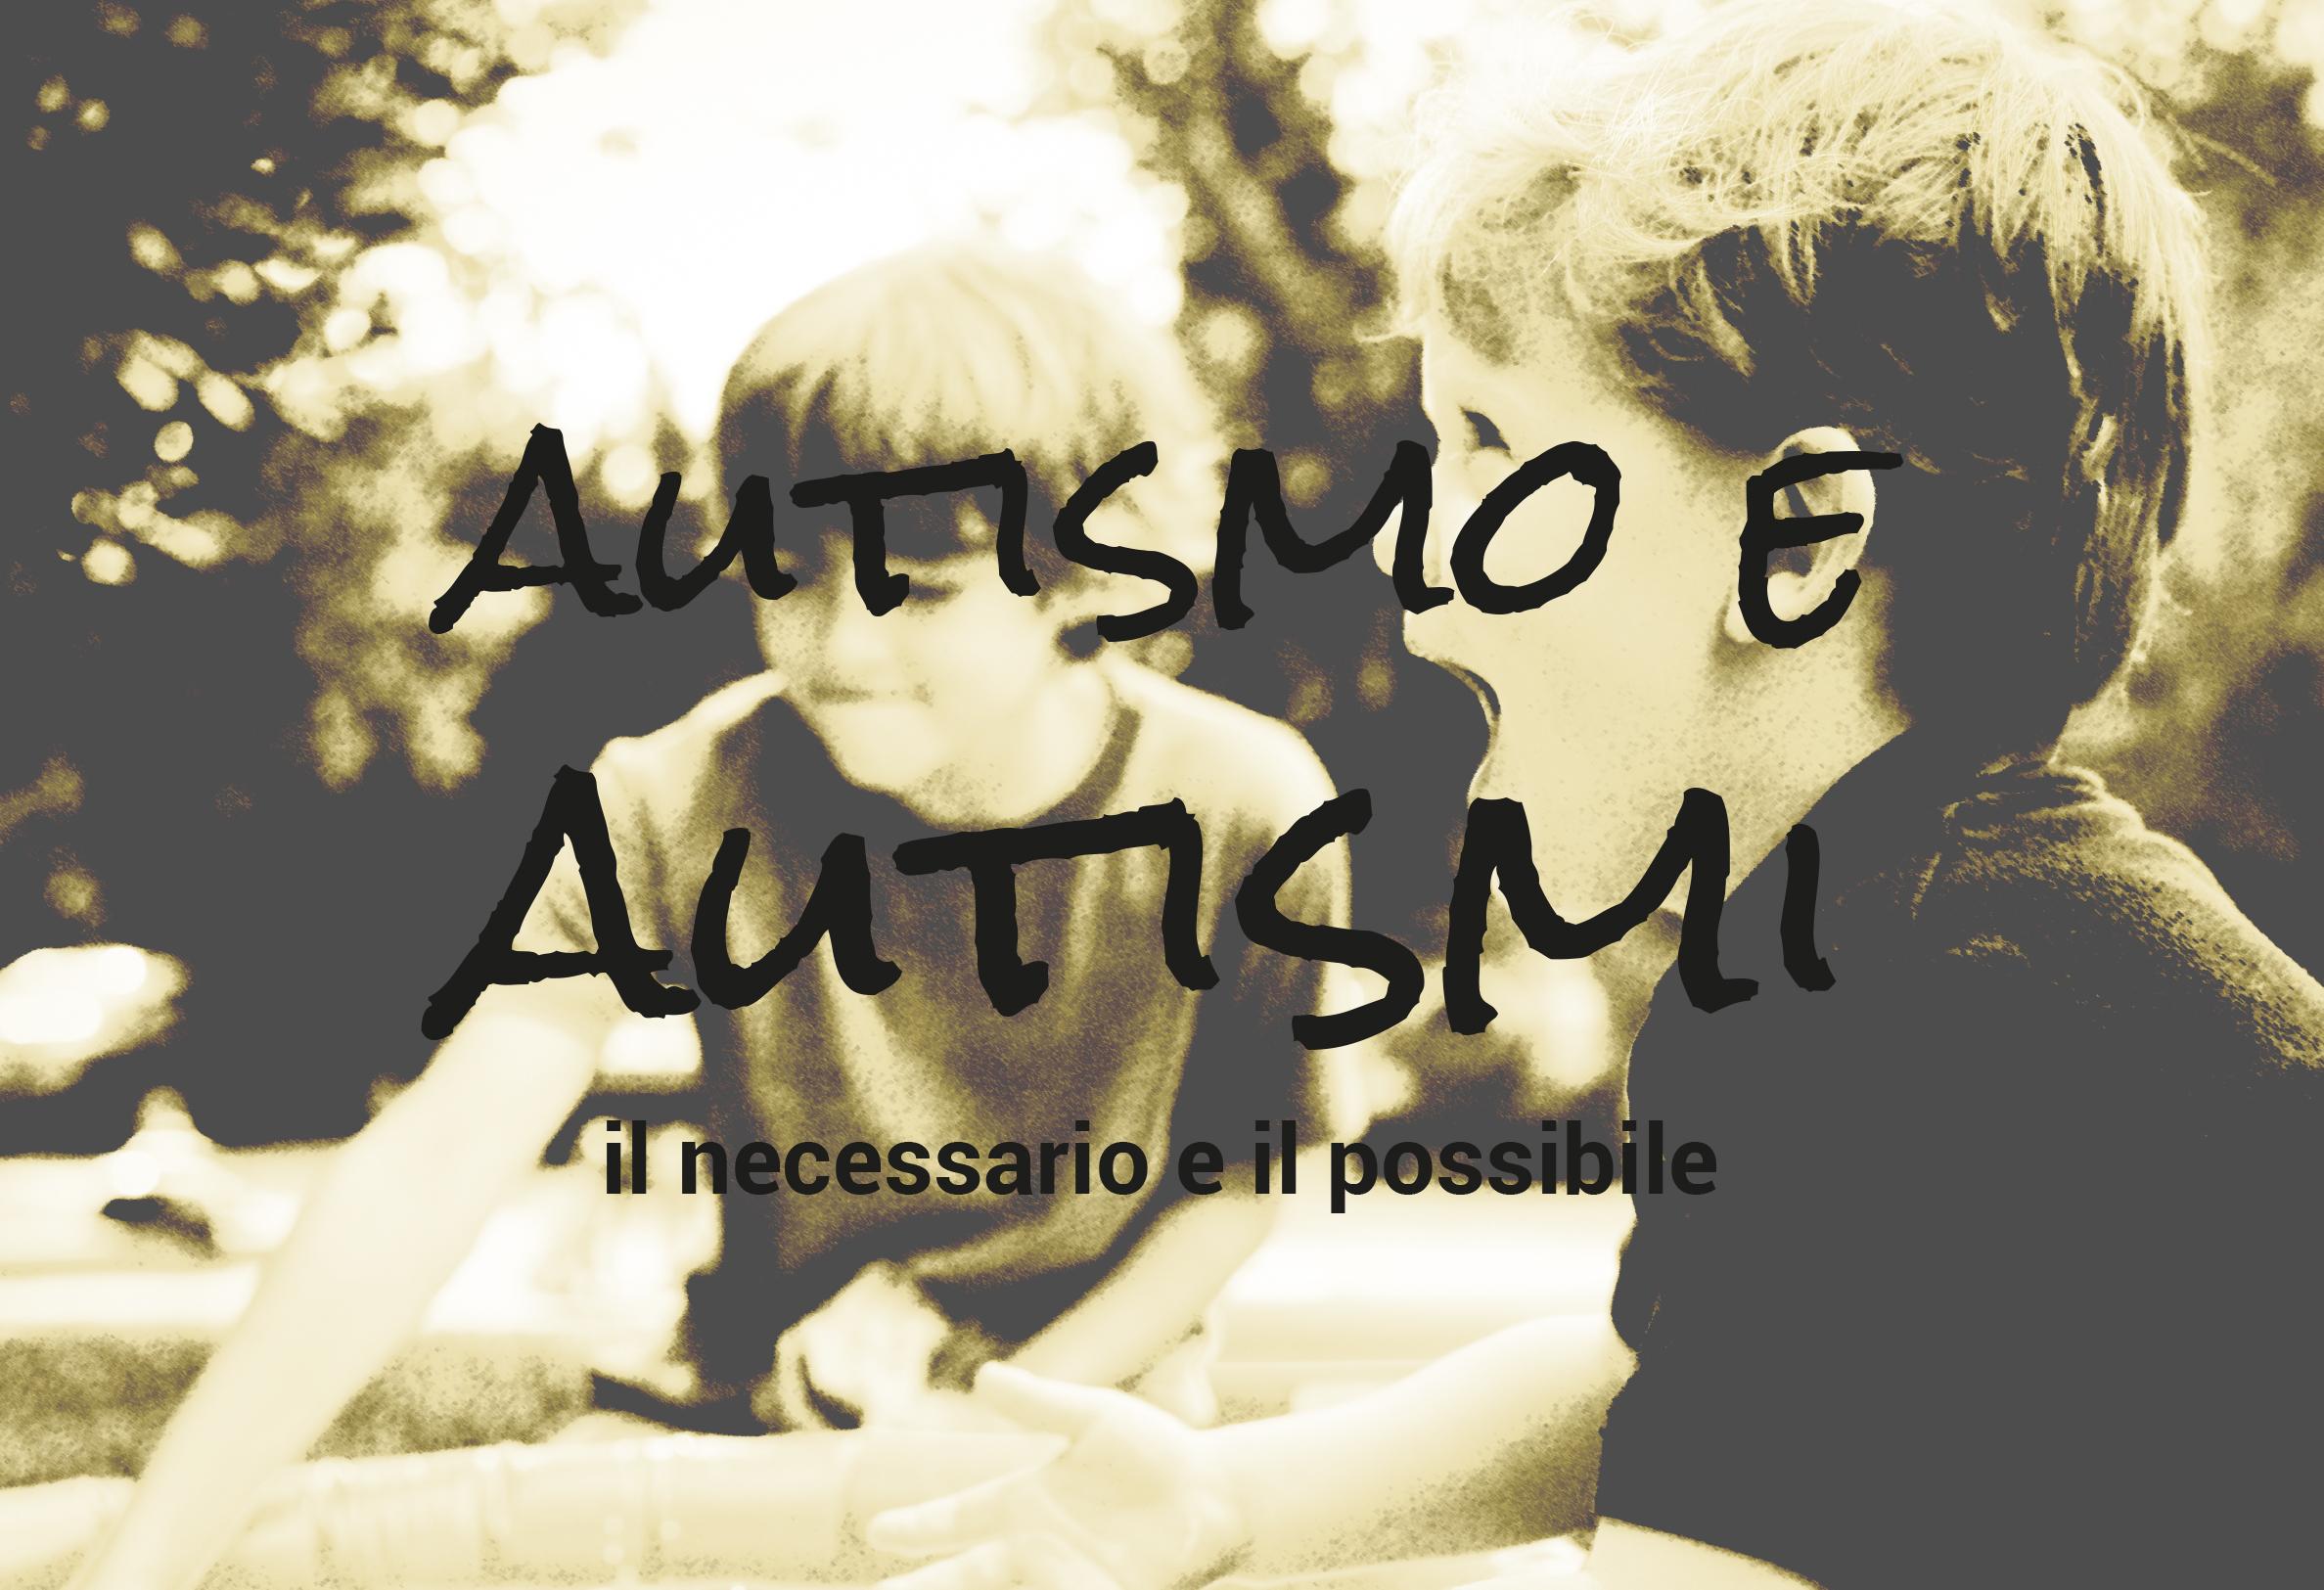 Autismo e autismi: il necessario e il possibile